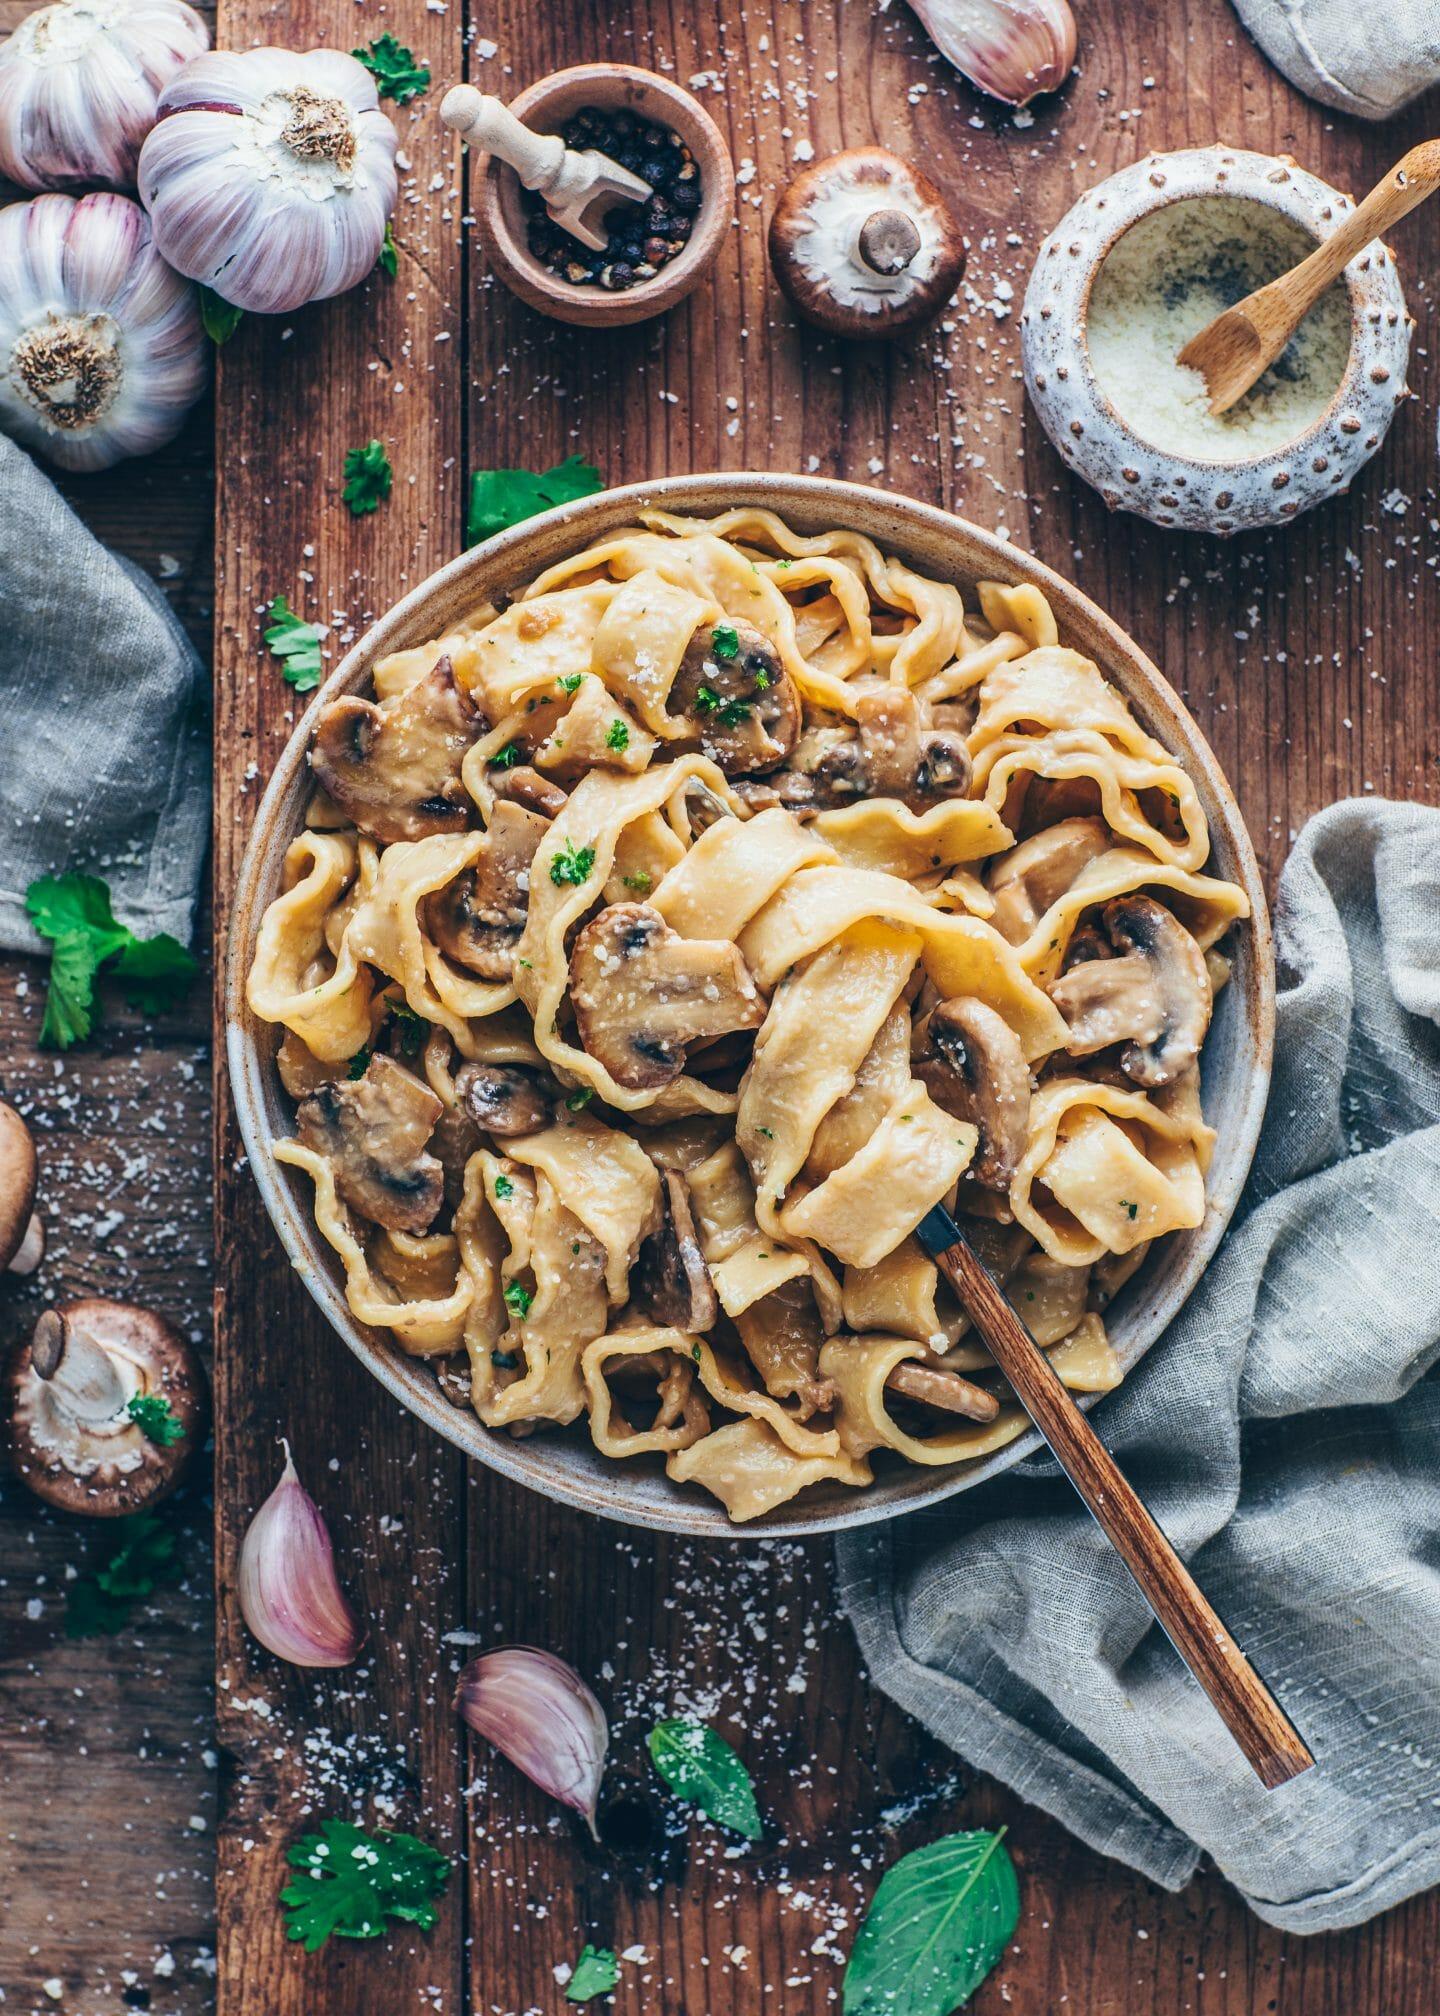 Pasta mit cremige Pilzsosse (Vegane Champignon-Rahm-Sauce)